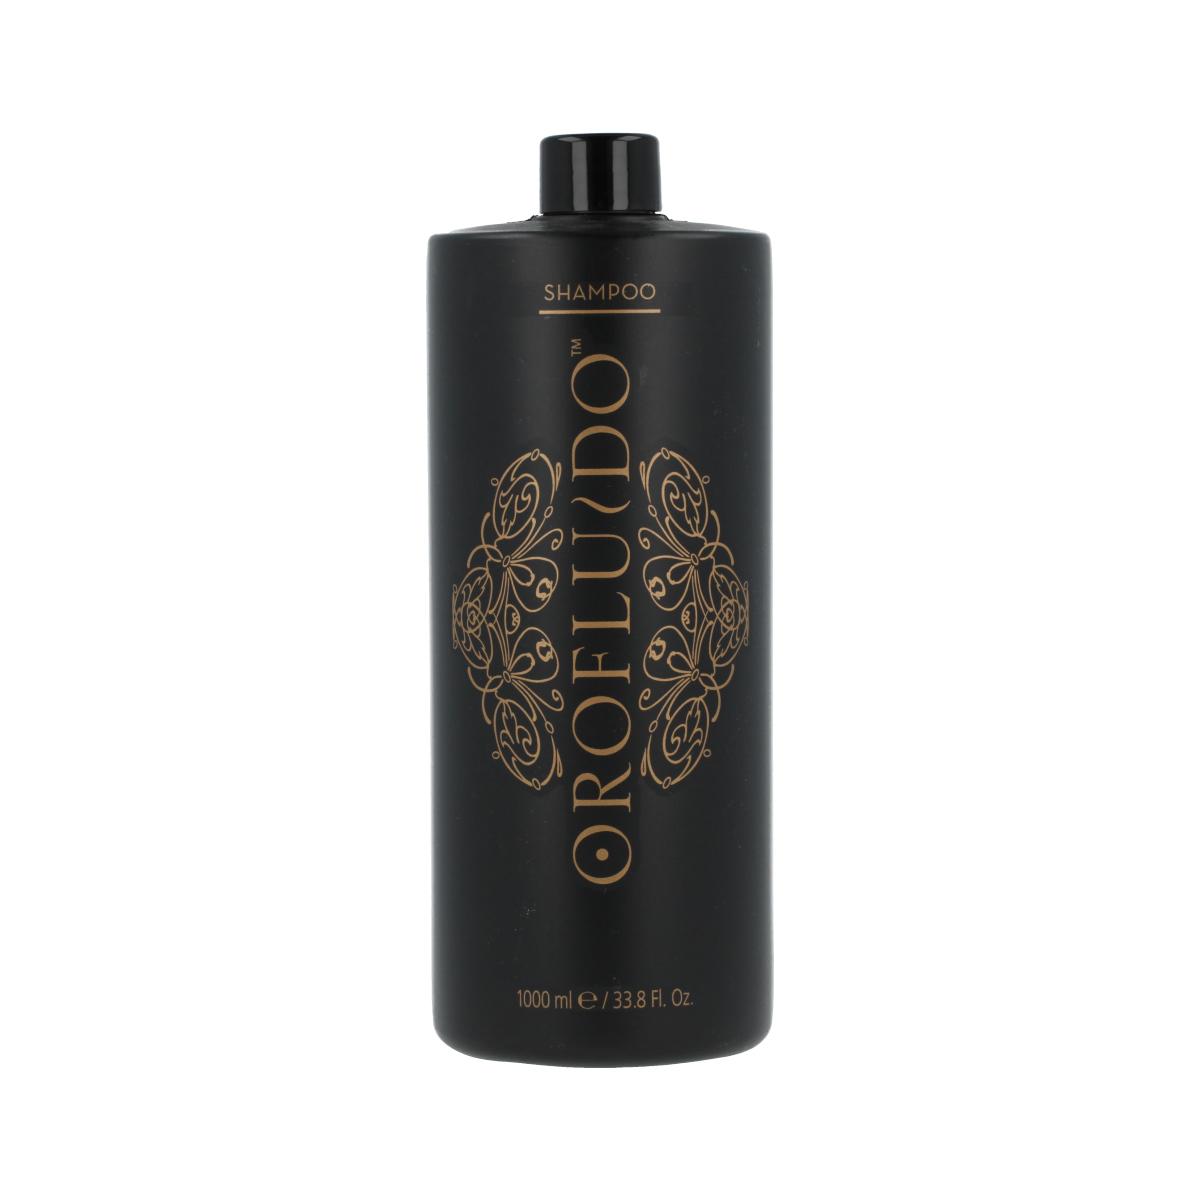 Orofluido(TM) Orofluido Shampoo 1000 ml 15955